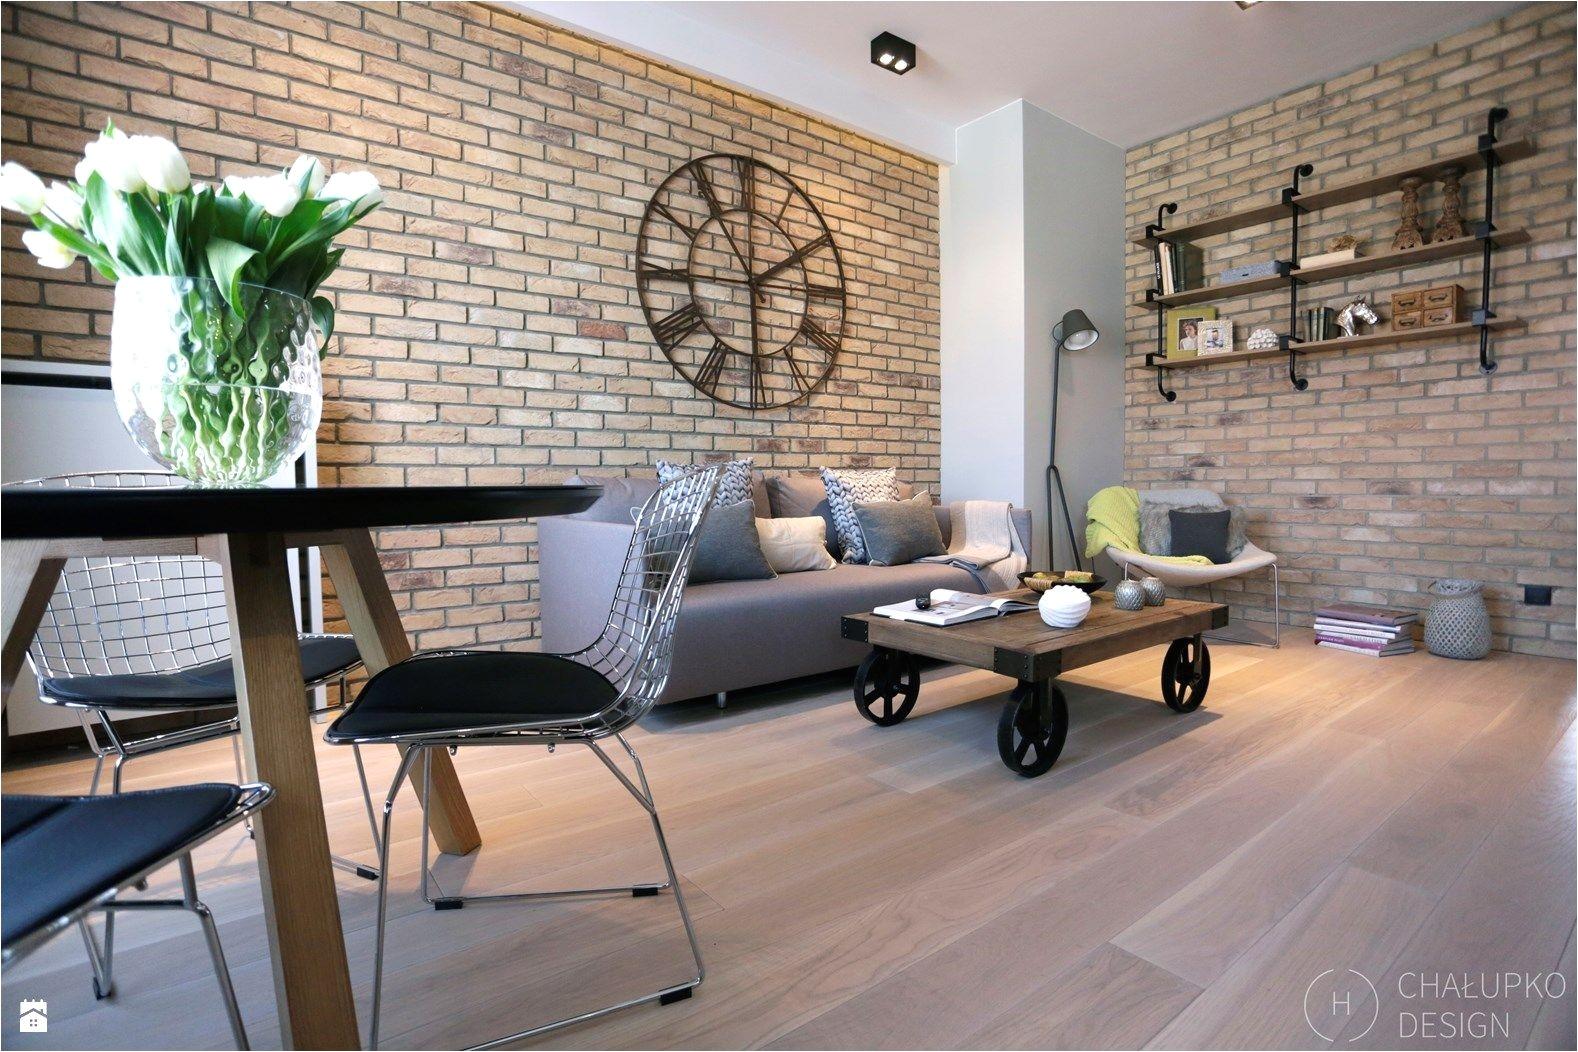 salon styl industrialny zdja a cie od chaa upko design salon styl industrialny chaa